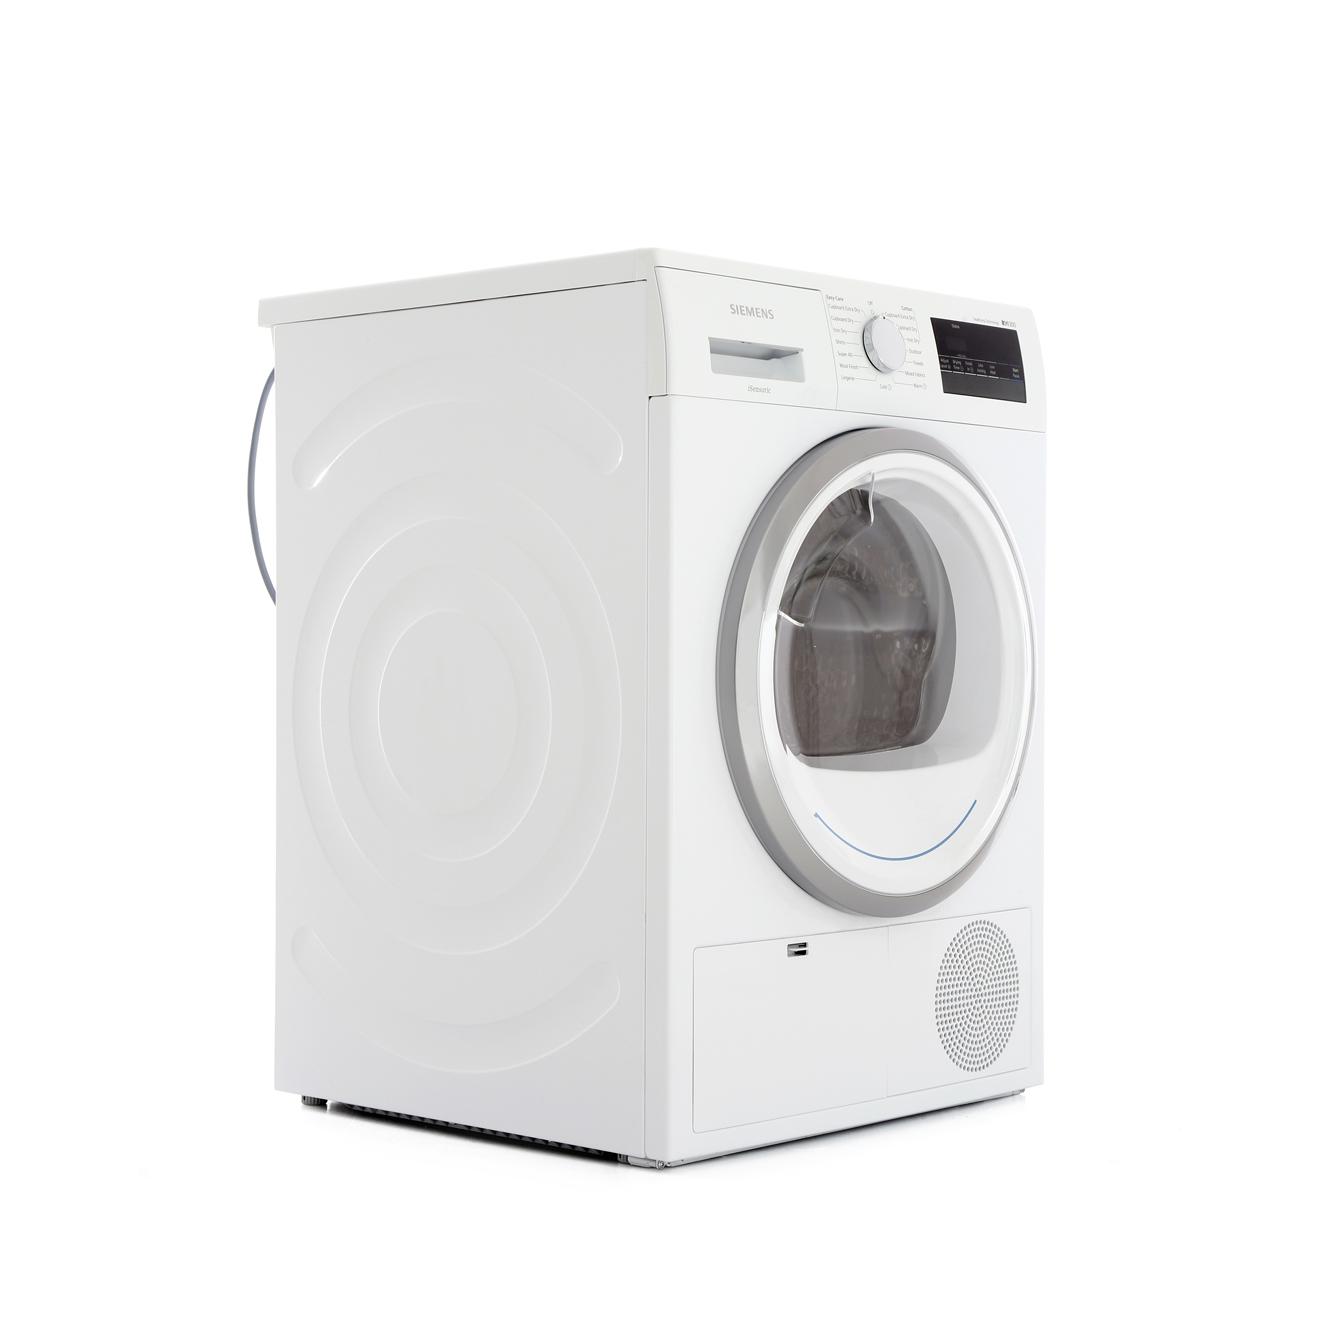 Siemens WT45H200GB Condenser Dryer with Heat Pump Technology